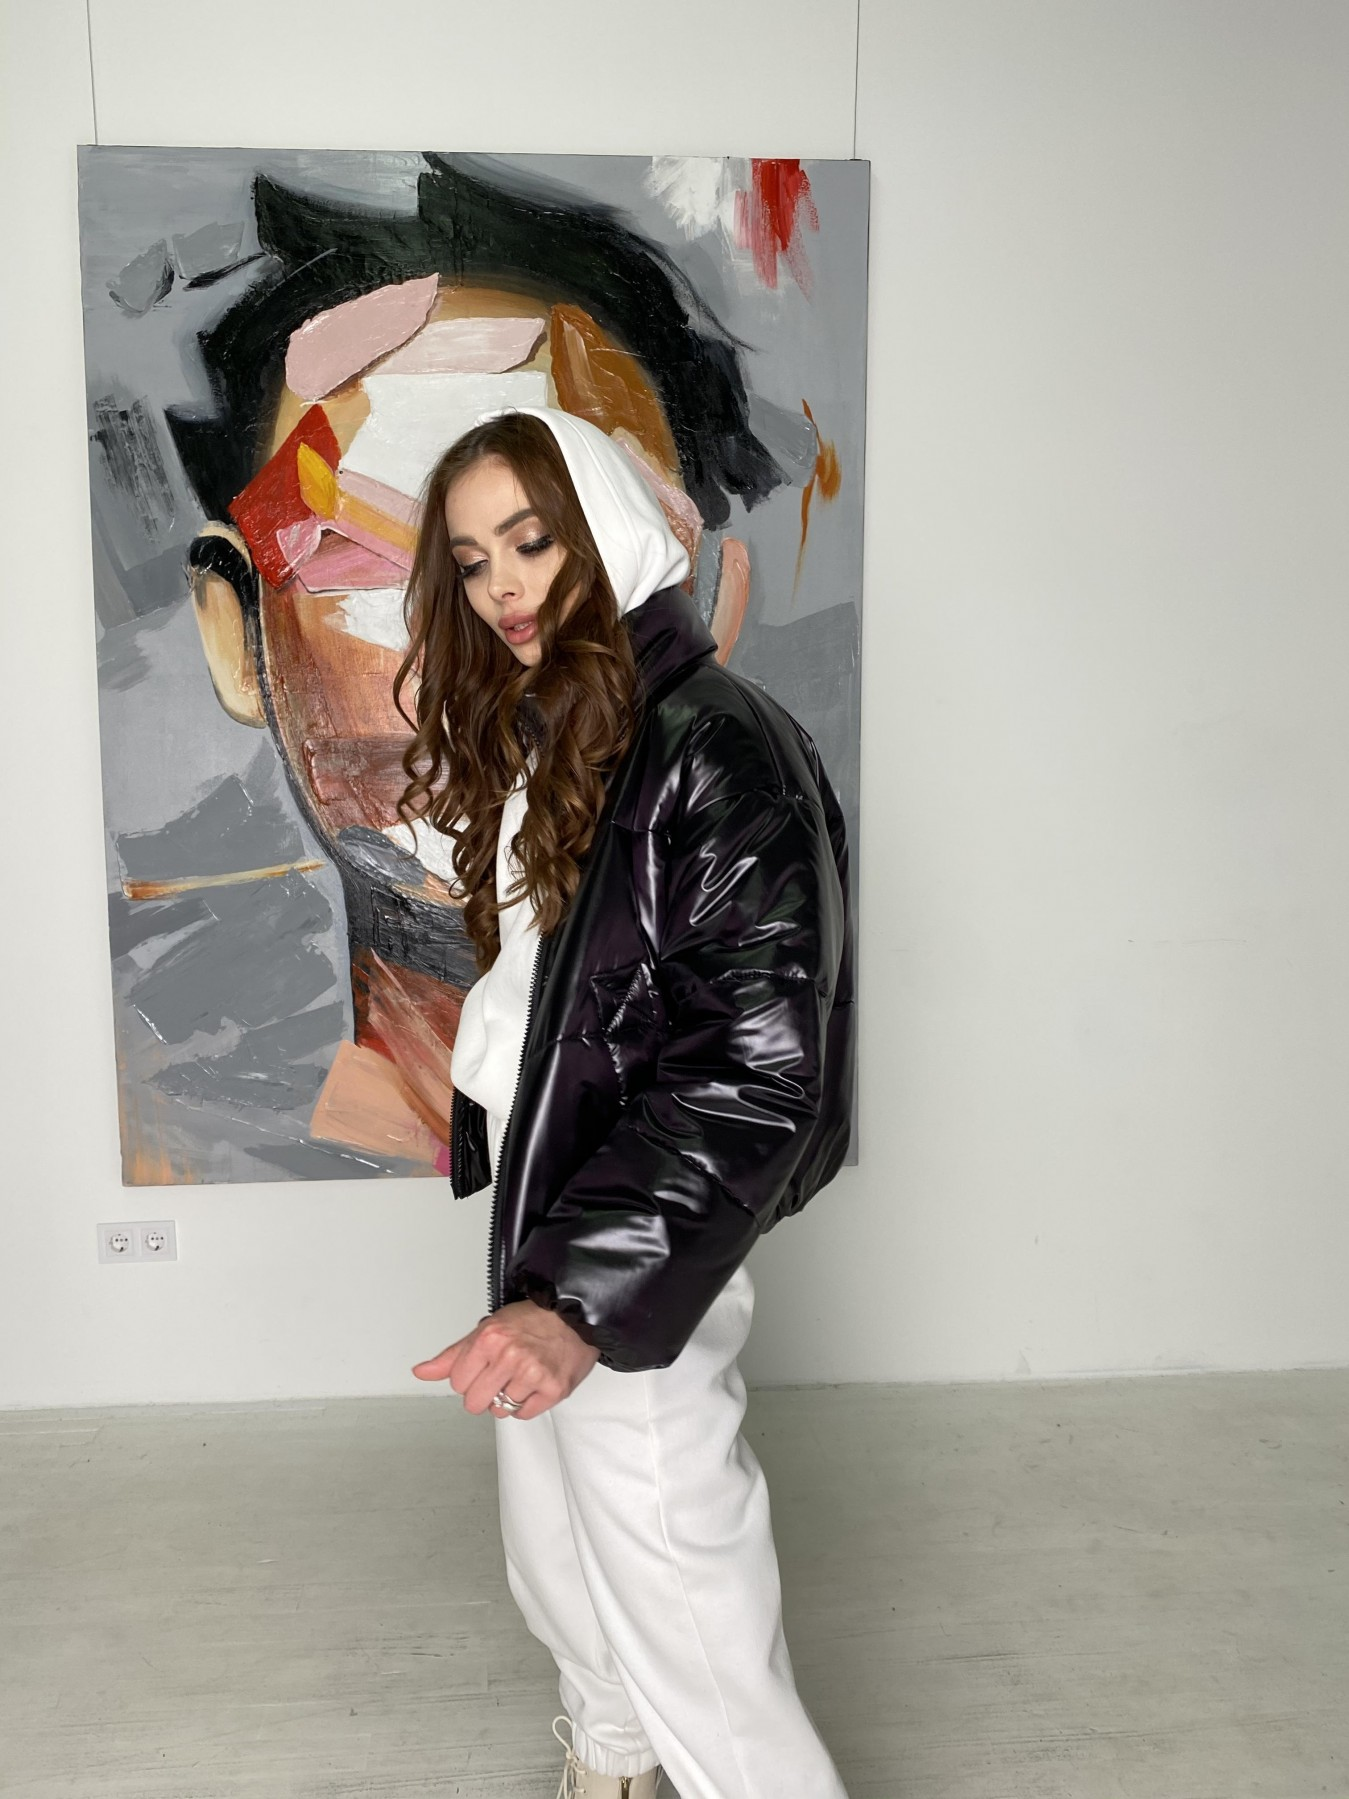 Драйв куртка из плащевой ткани 10497 АРТ. 46843 Цвет: Черный - фото 7, интернет магазин tm-modus.ru